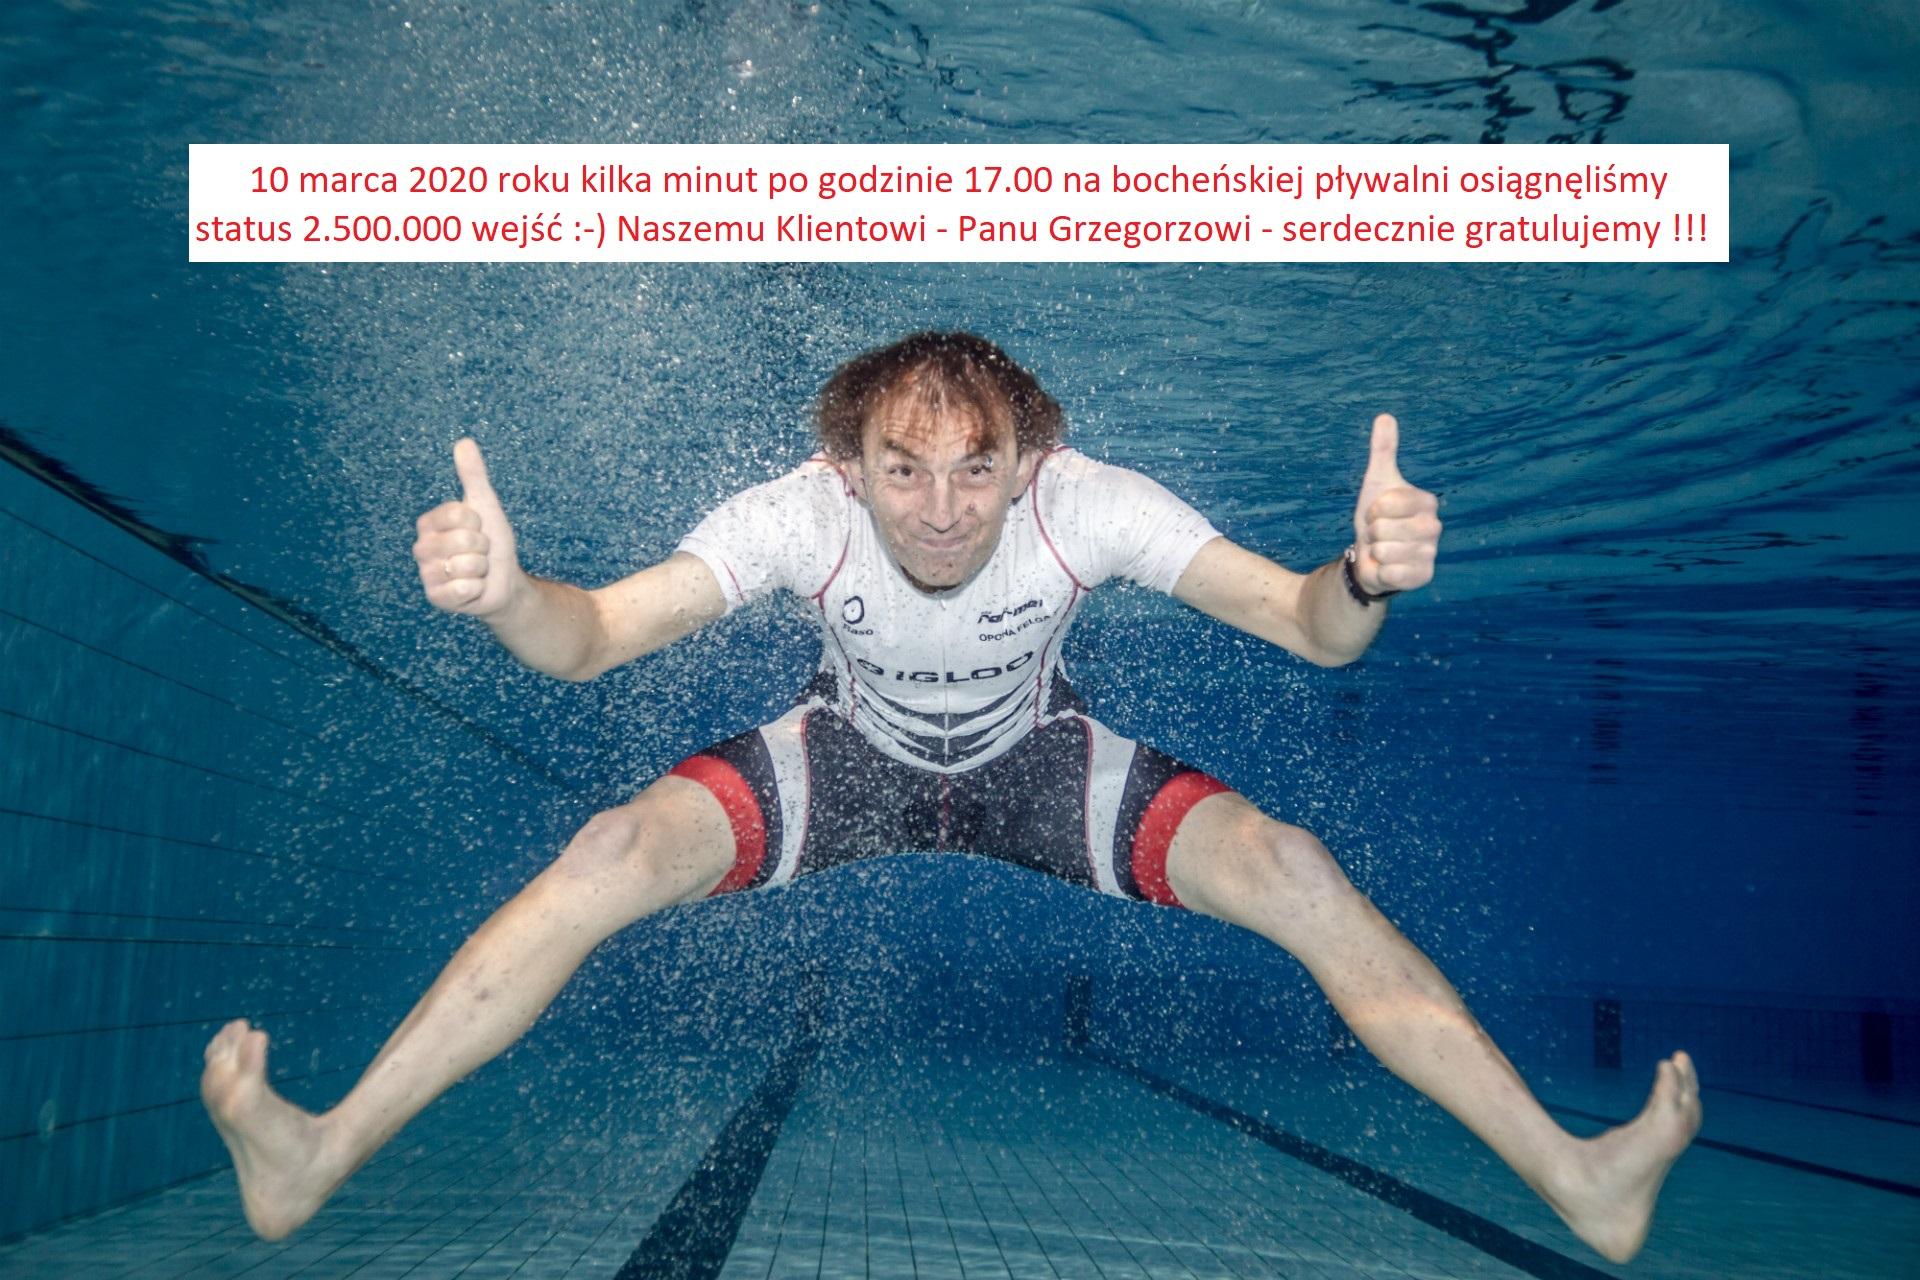 10 marca na pływalnię w Bochni wszedł 2,5 mln Klient